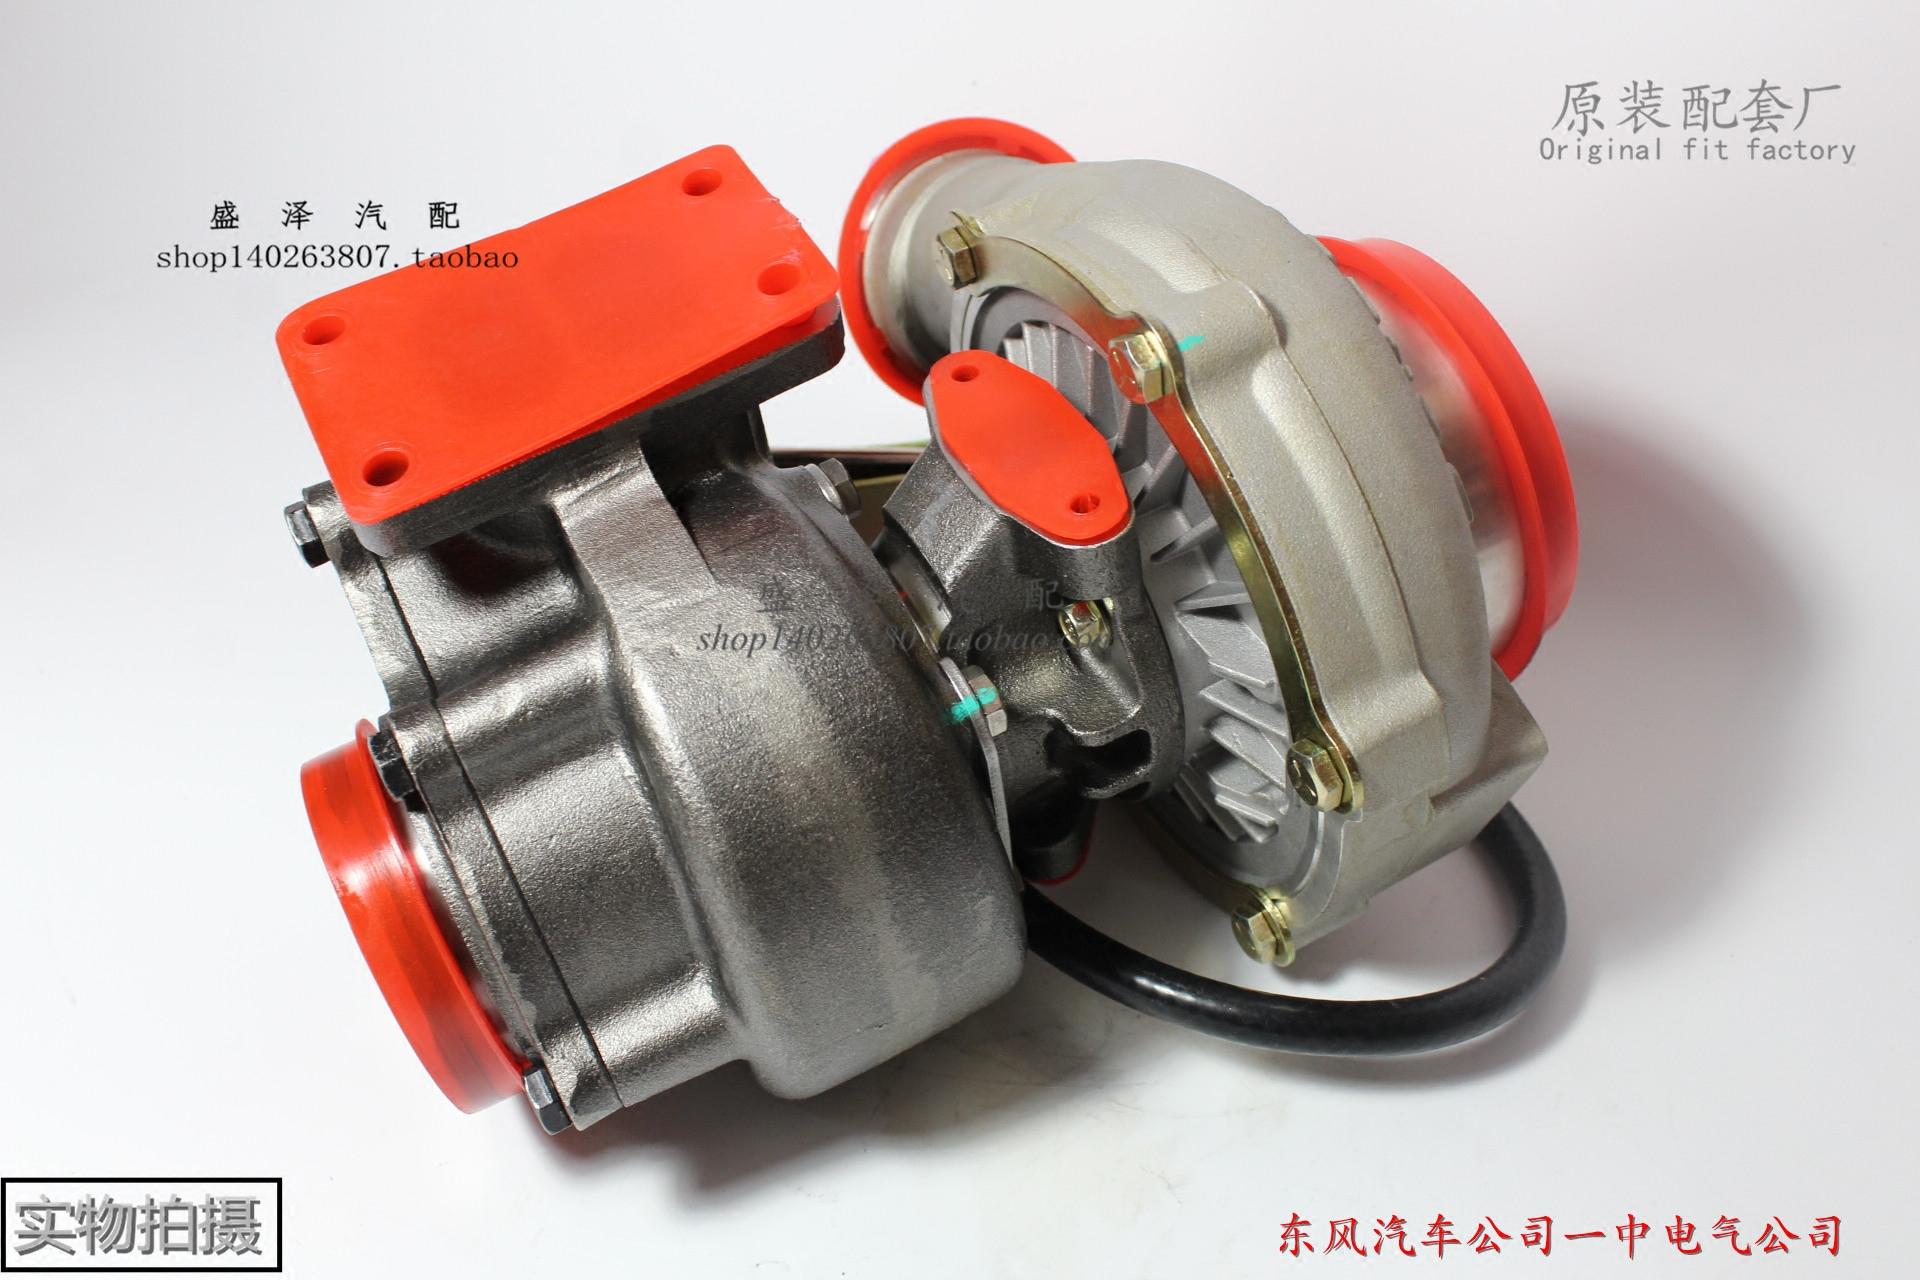 东风天锦康明斯210马力A3960860 4029160 4051229涡轮增压器HX35W